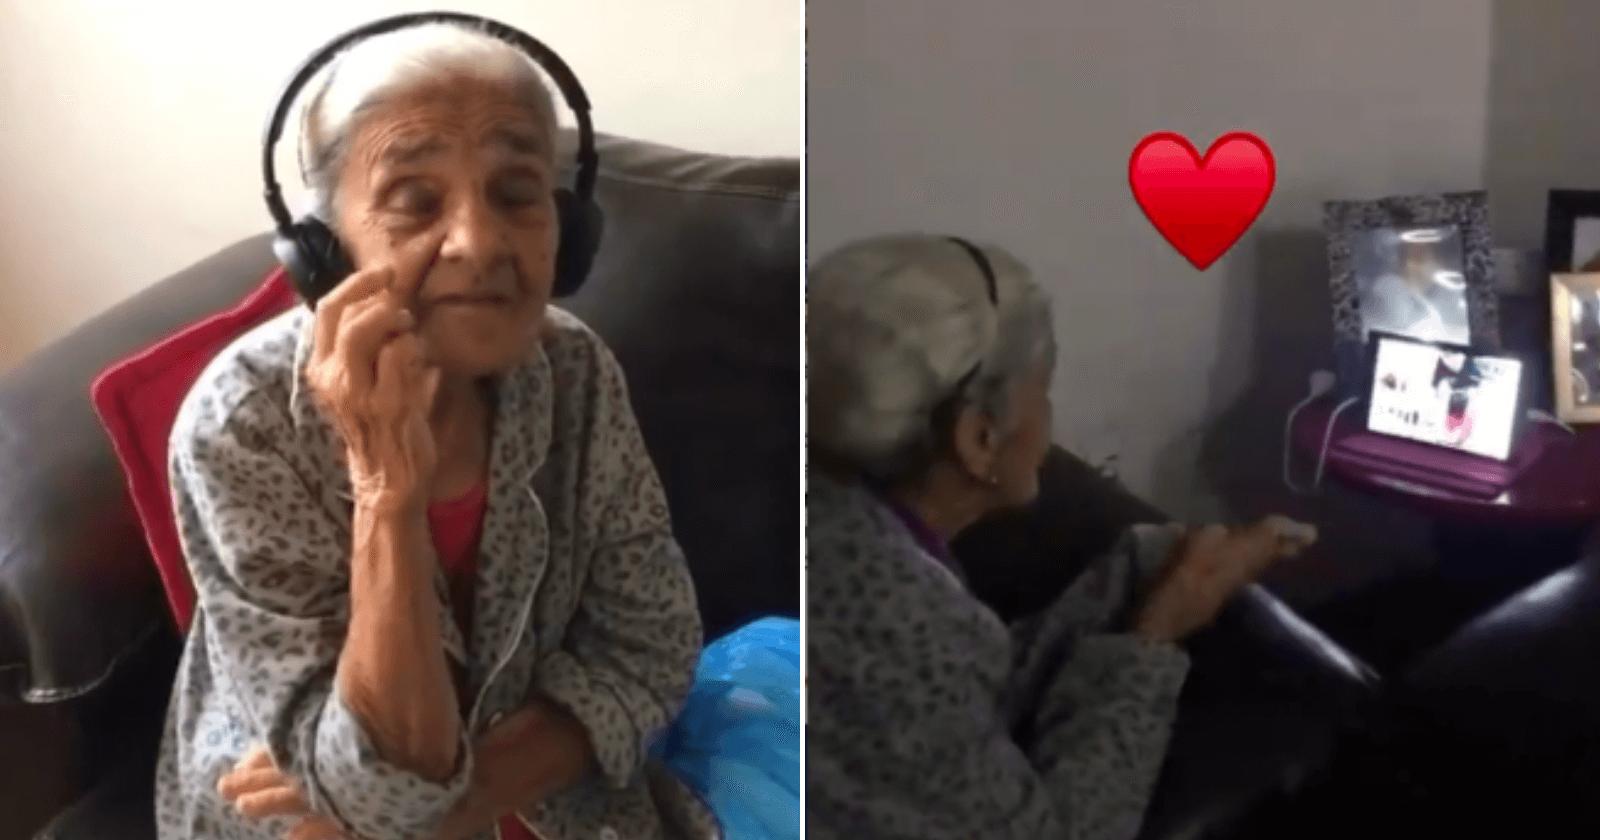 Vovó aprende a fazer videochamadas para matar saudade da família na quarentena